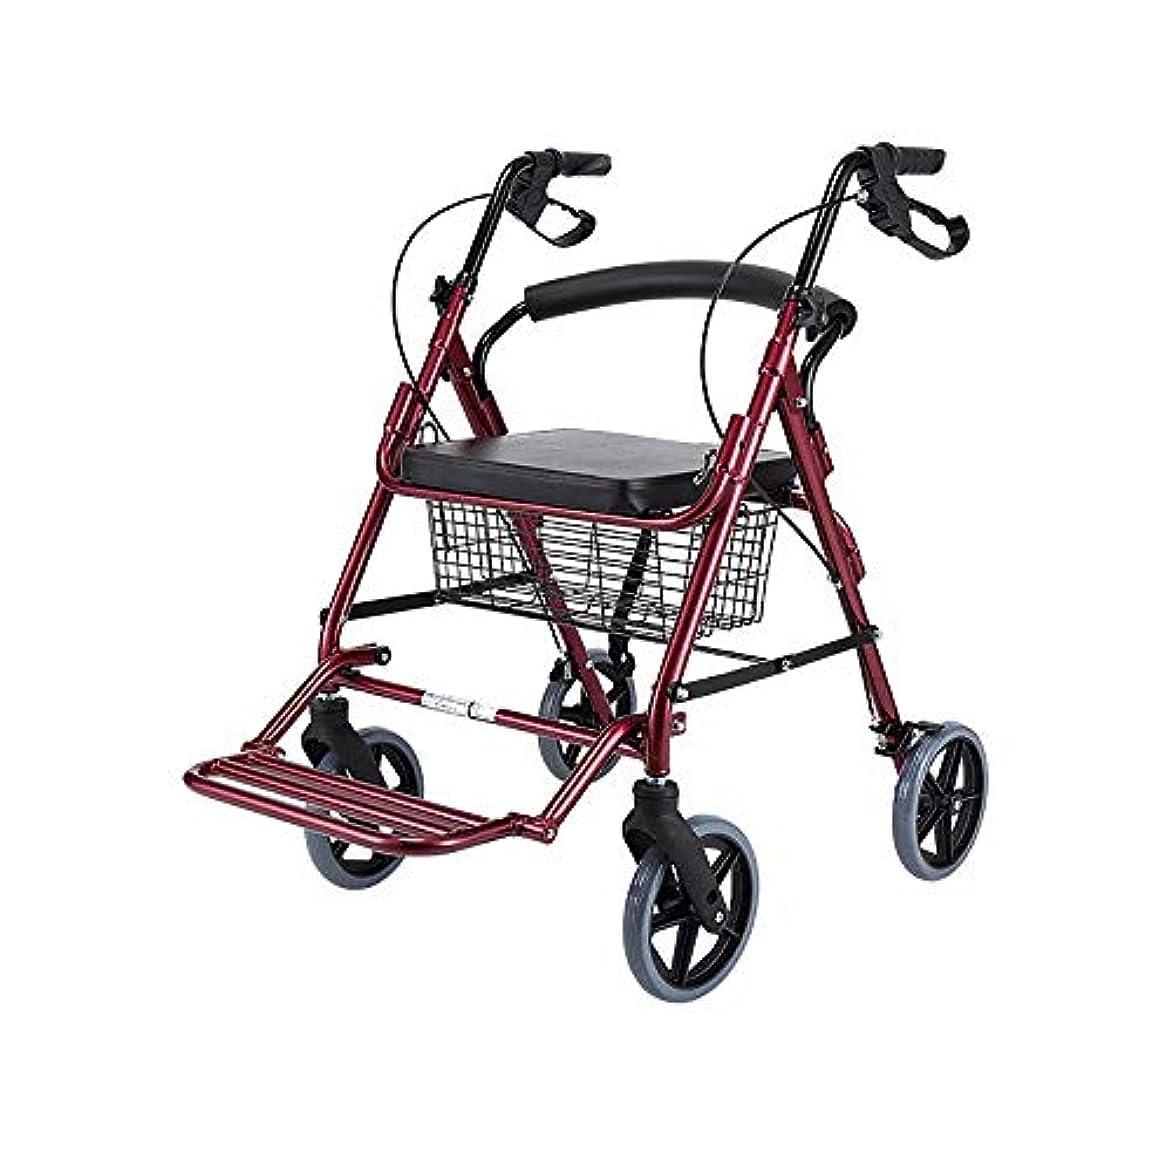 一部形状清める高齢者ウォーカー、折りたたみ式ポータブル歩行器補助ウォーカー四輪ショッピングカートハンドブレーキ付きヘビーデューティウォーカー